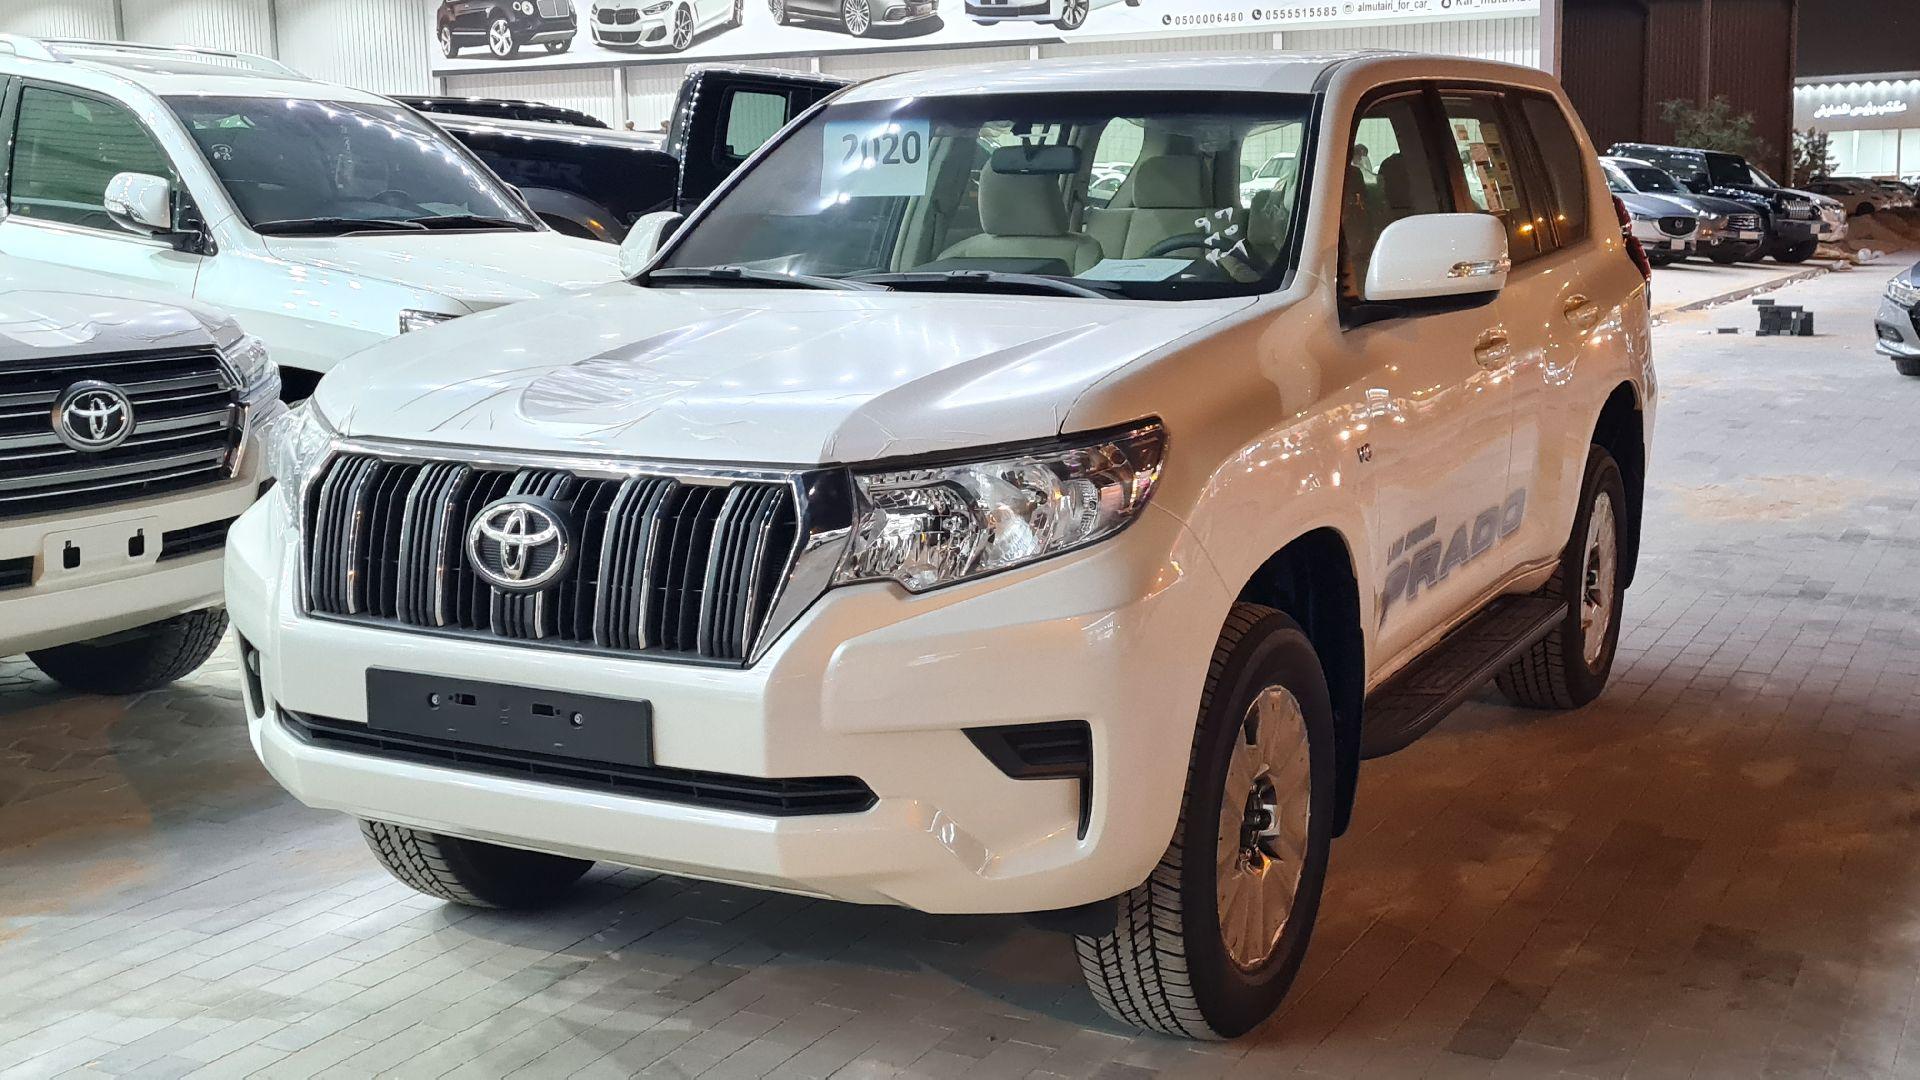 تويوتا برادو TXLنص فل 2020  دبل كويتي جديد للبيع في الرياض - السعودية - صورة كبيرة - 1